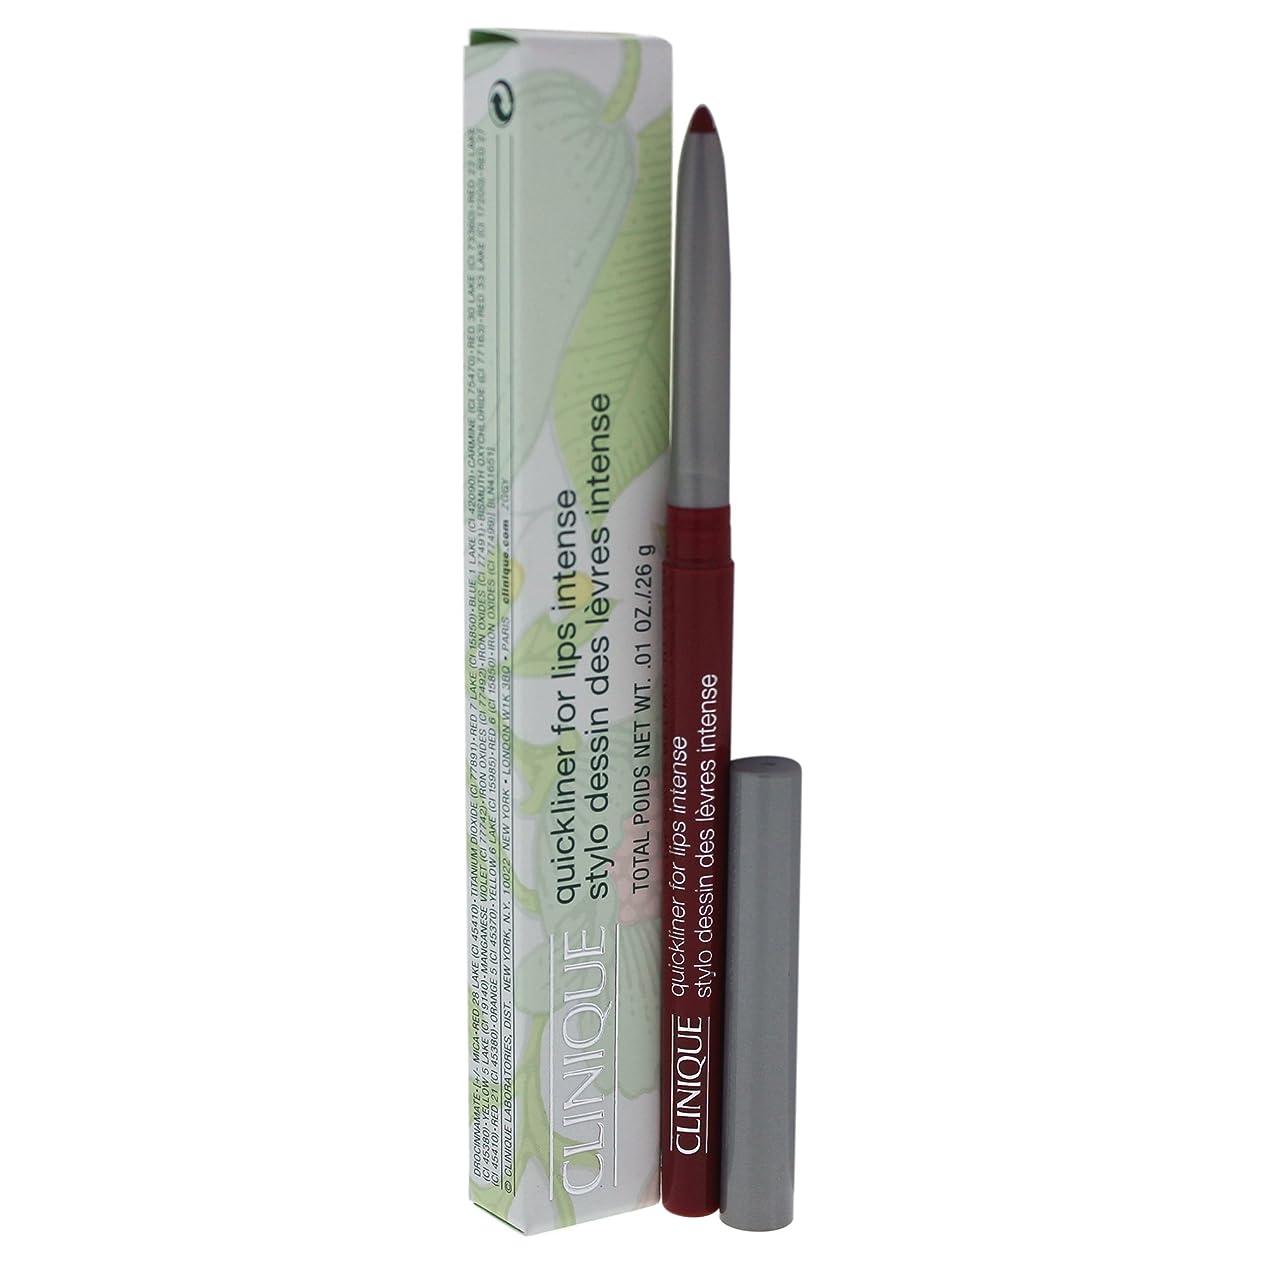 ずんぐりしたプランター入手しますクリニーク Quickliner For Lips Intense - #06 Intense Cranberry 0.26g/0.01oz並行輸入品